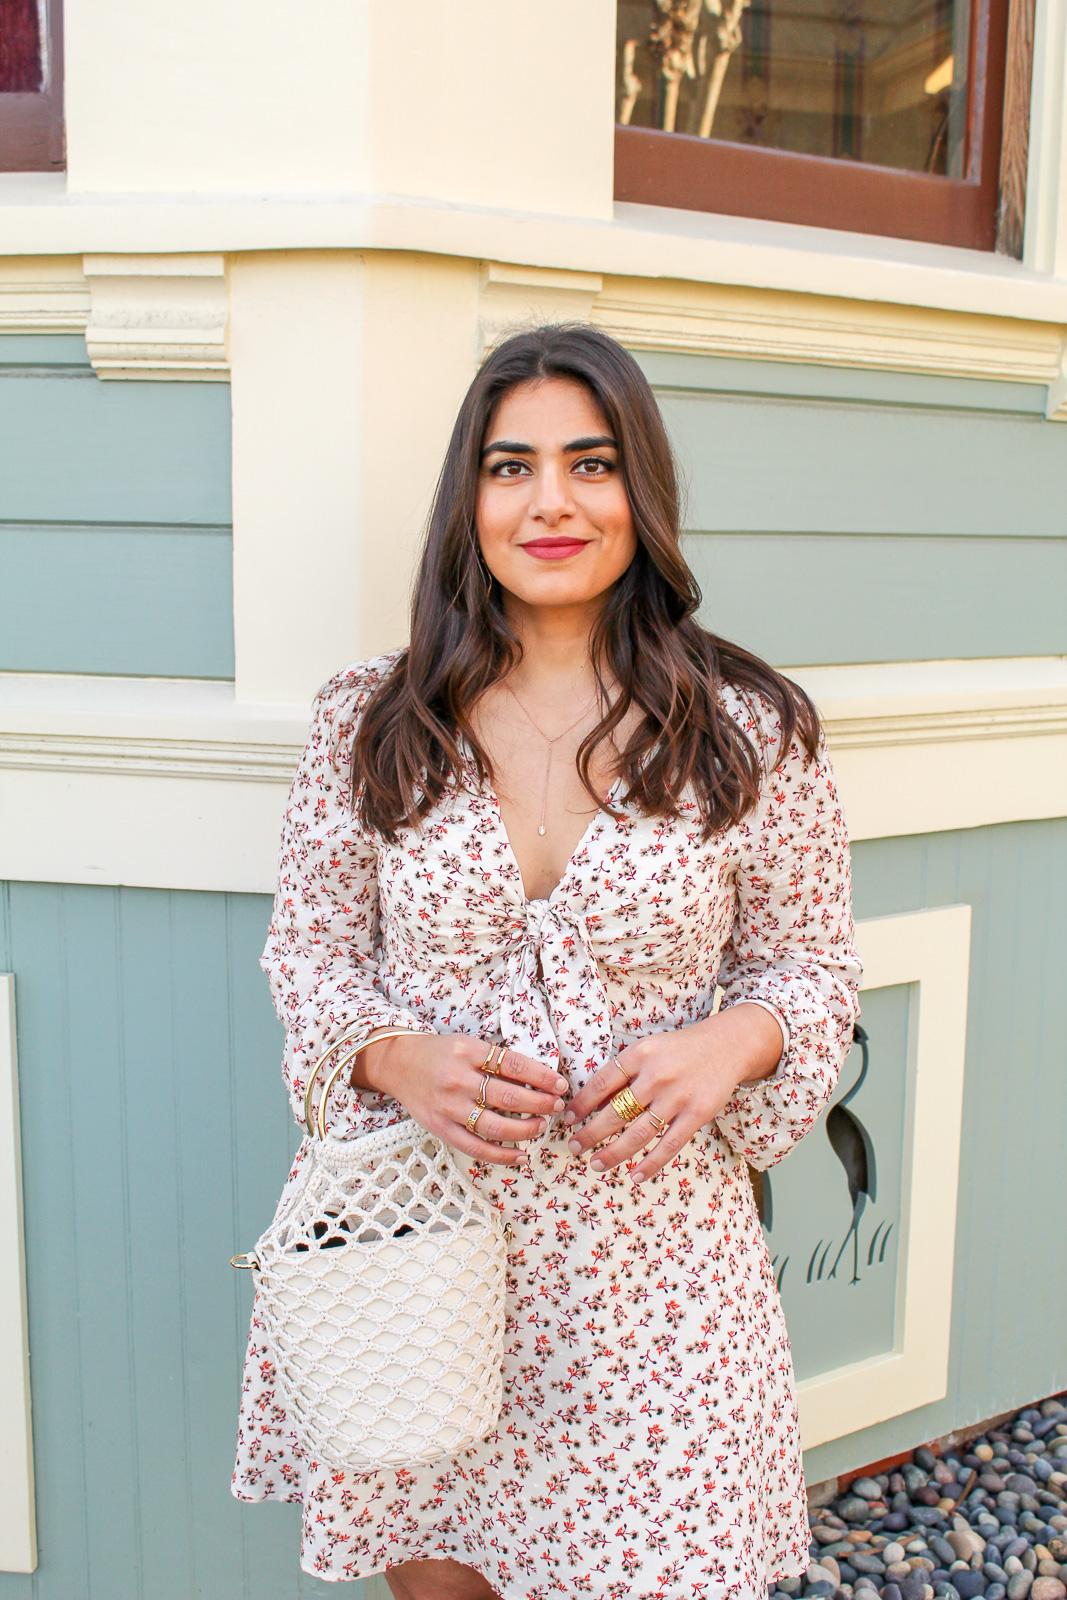 Noyemi Kelemdjian in a long sleeved floral dress